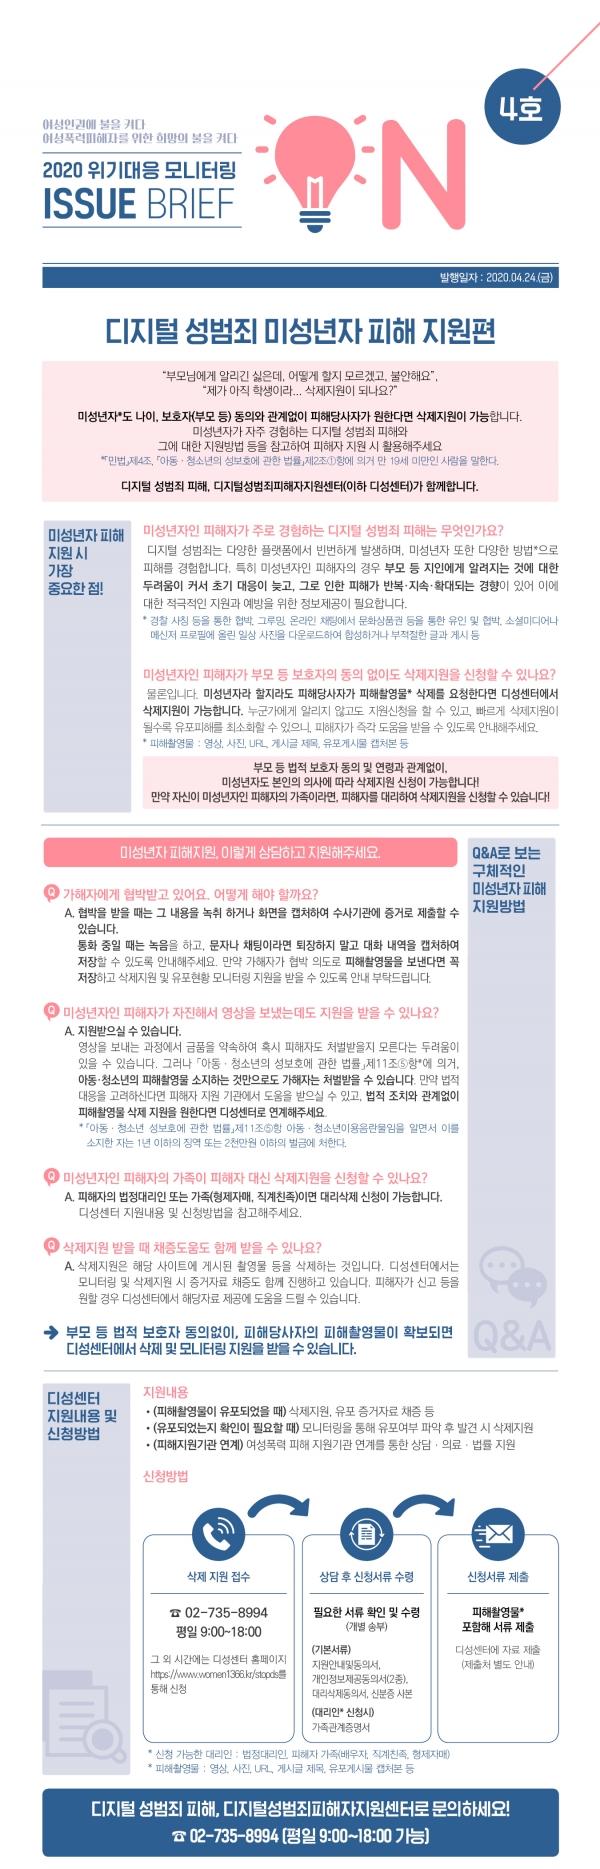 한국여성인권진흥원 2020 위기대응 모니터링 이슈브리프 'ON' 4호 미성년자 피해지원 편 ⓒ한국여성인권진흥원